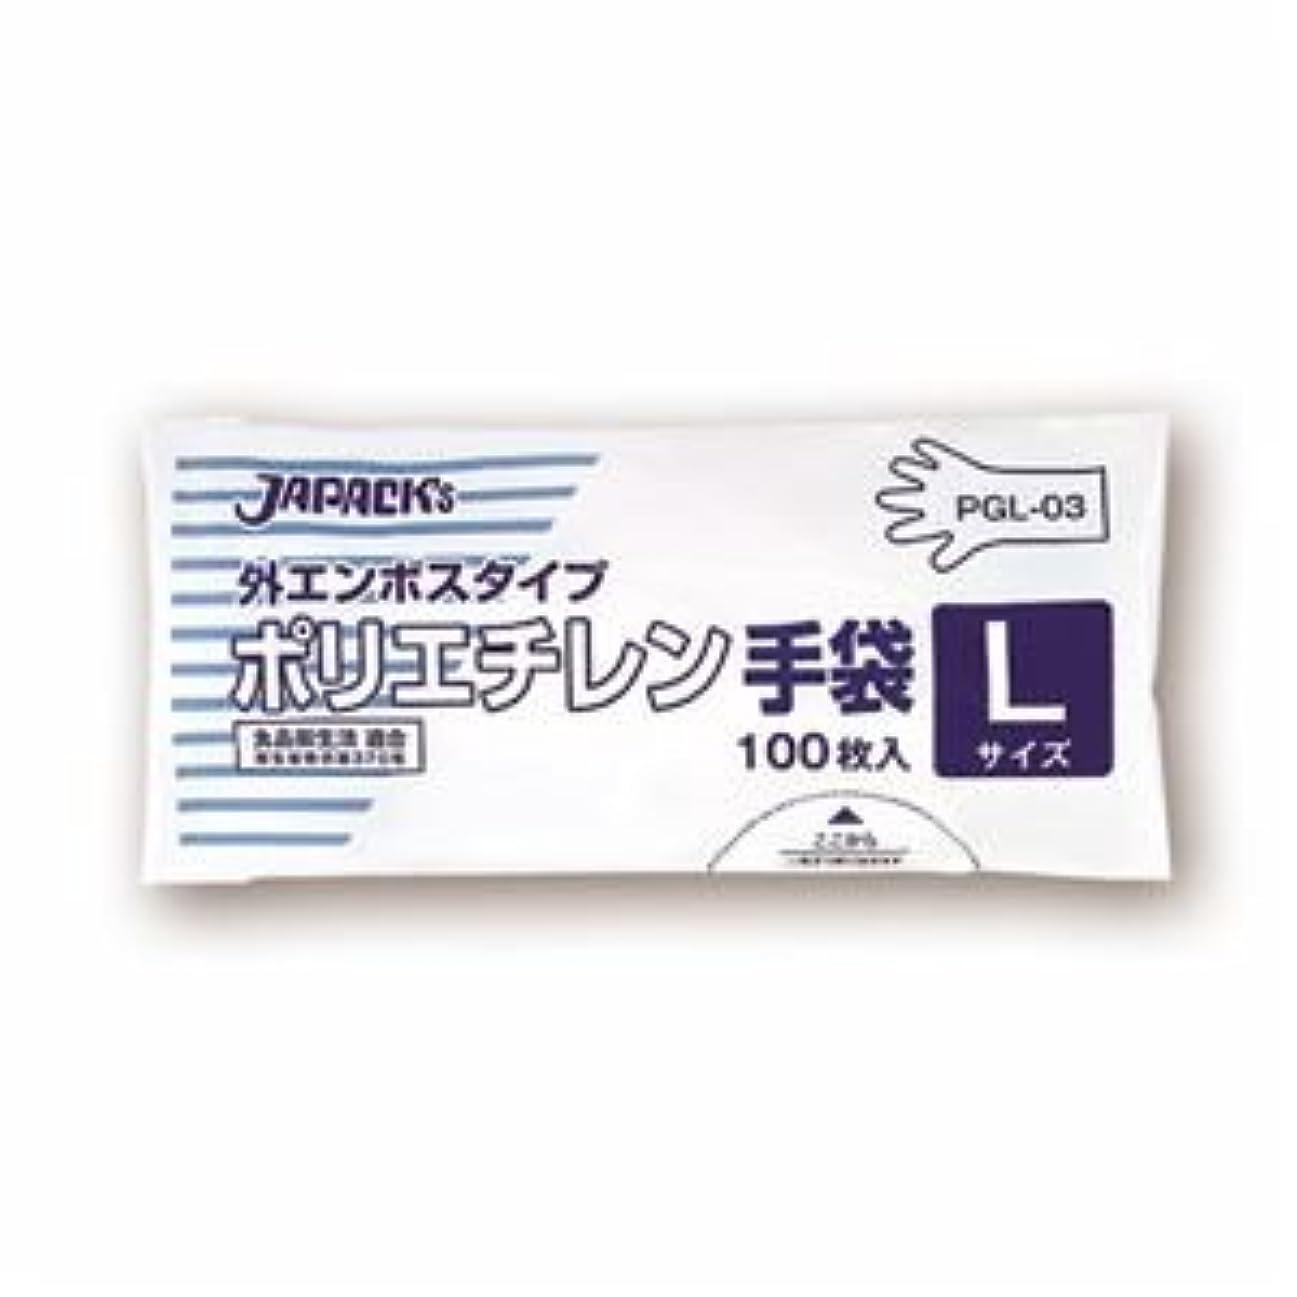 八百屋オーチャード薬(まとめ) ジャパックス 外エンボスタイプ LDポリエチレン手袋 L PGL-03 1パック(100